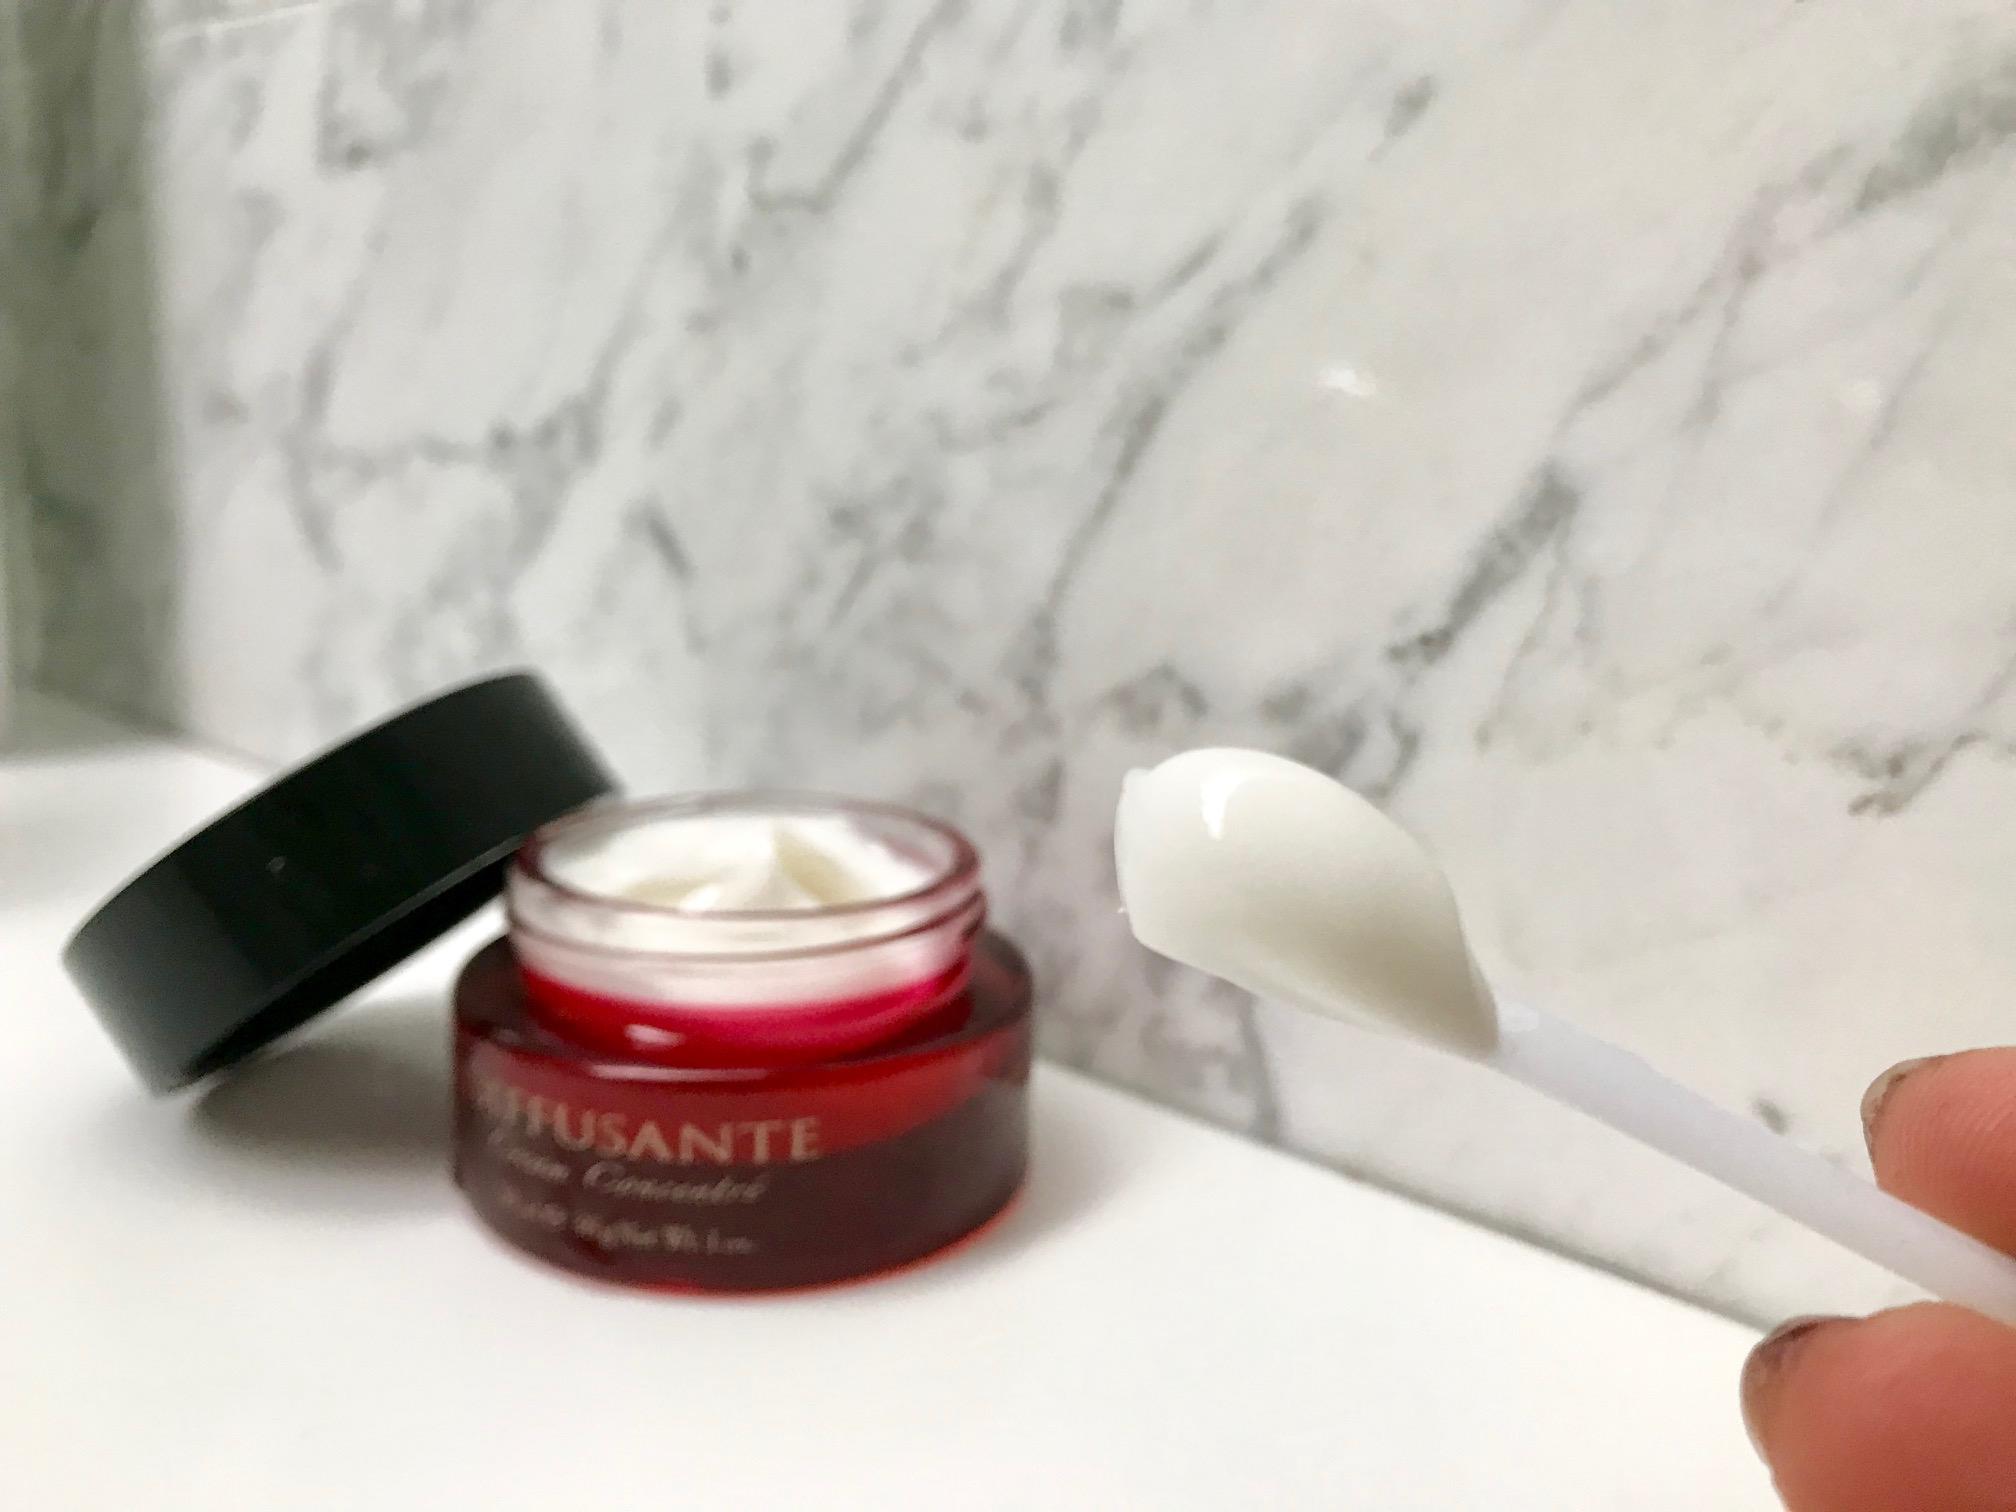 スキンケアの順番とおすすめアイテム特集 - 洗顔のやり方や化粧水の塗り方など、美プロ発のテクニックまとめ_23